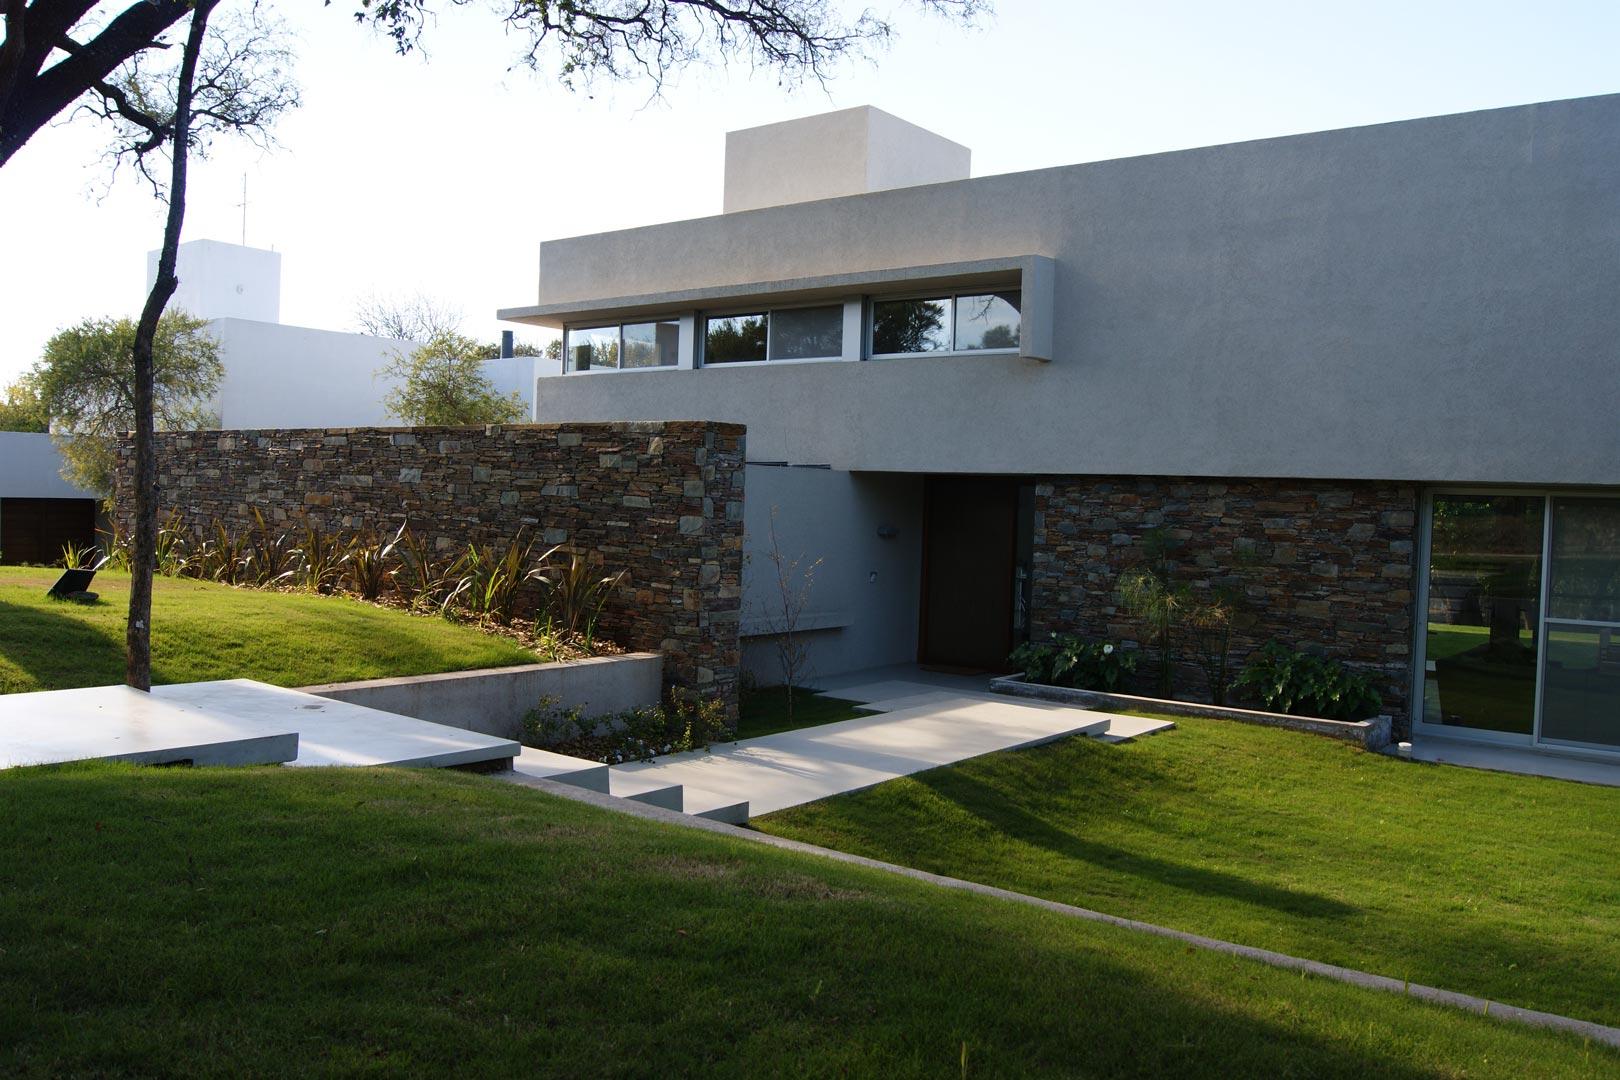 Palmero vucovich arquitectura y desarrollos casa estilo for Arquitectura racionalista